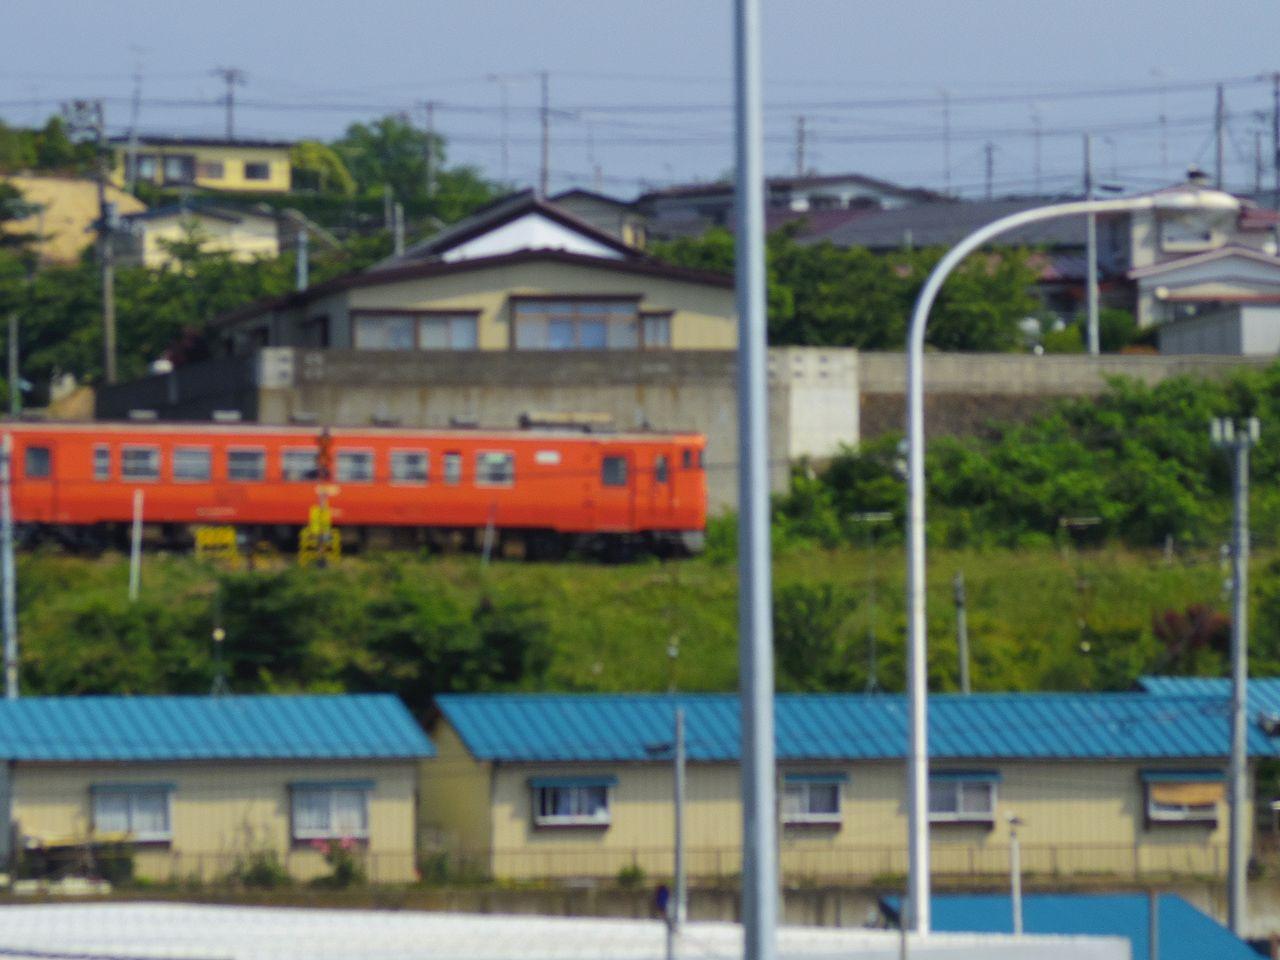 IMGP8839.jpg